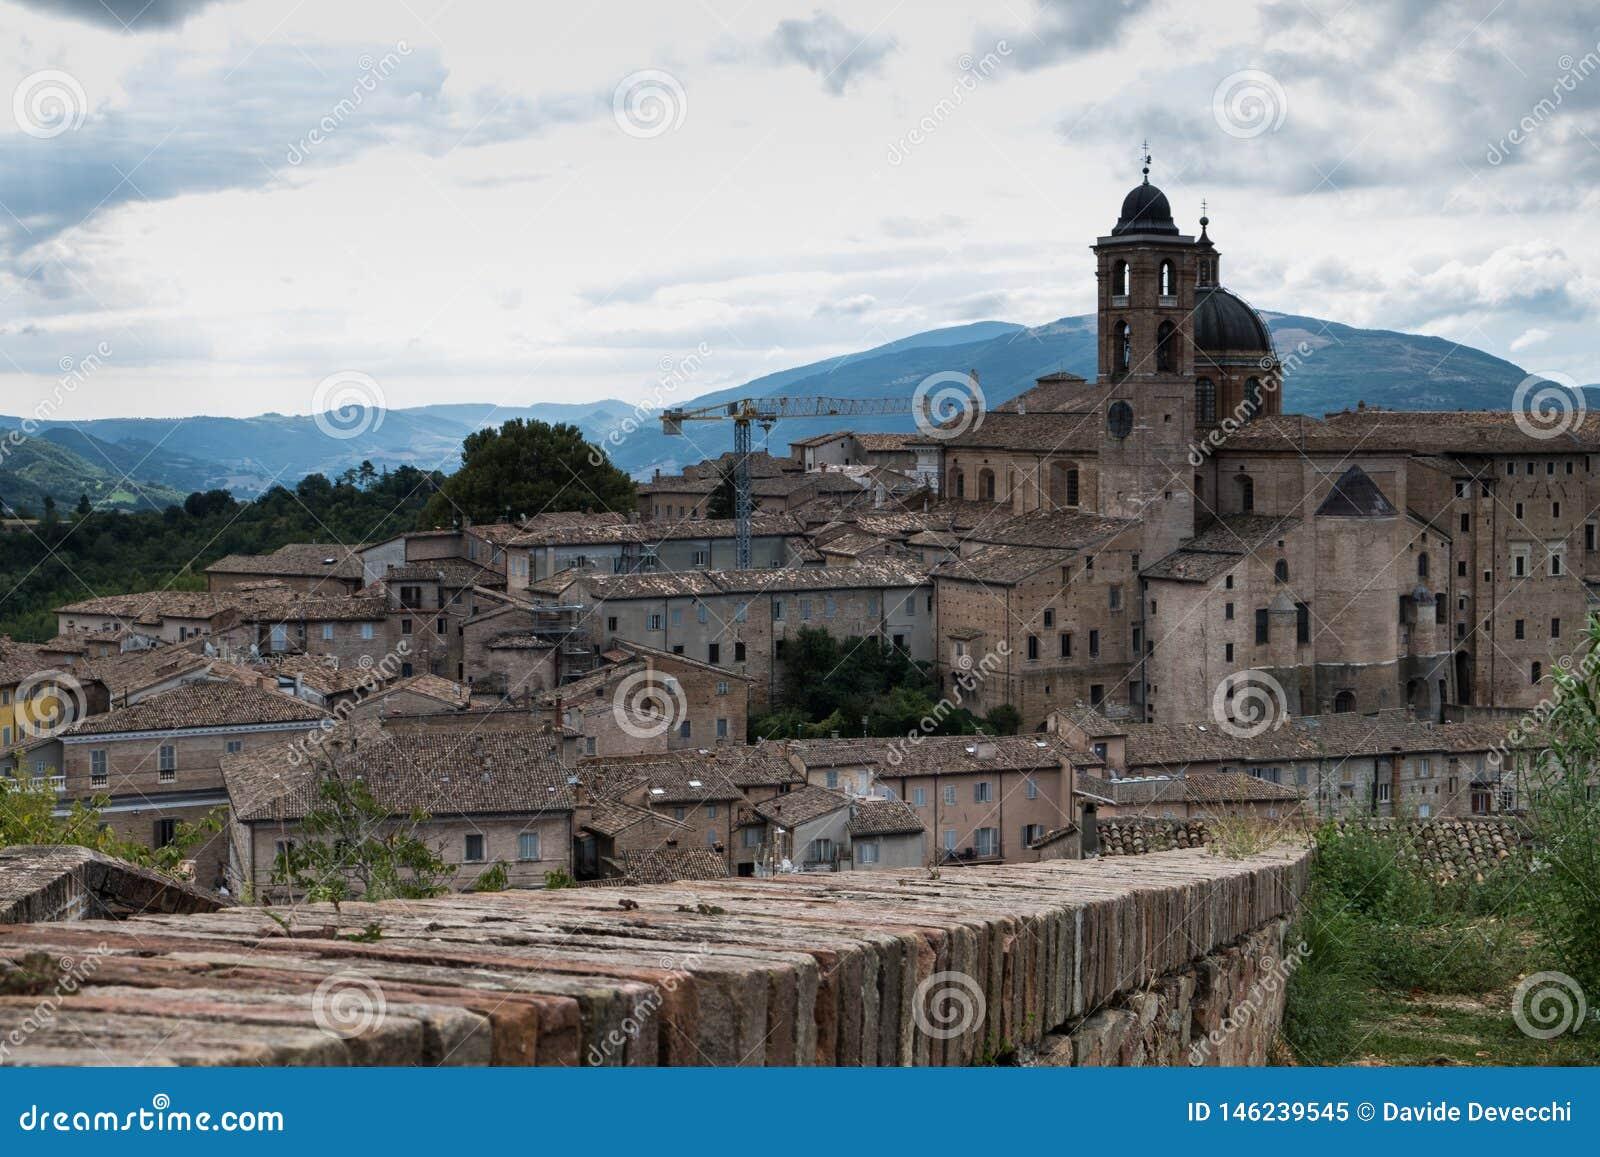 Vue panoramique du palais ducal d Urbino en Italie centrale avec un ciel dramatique